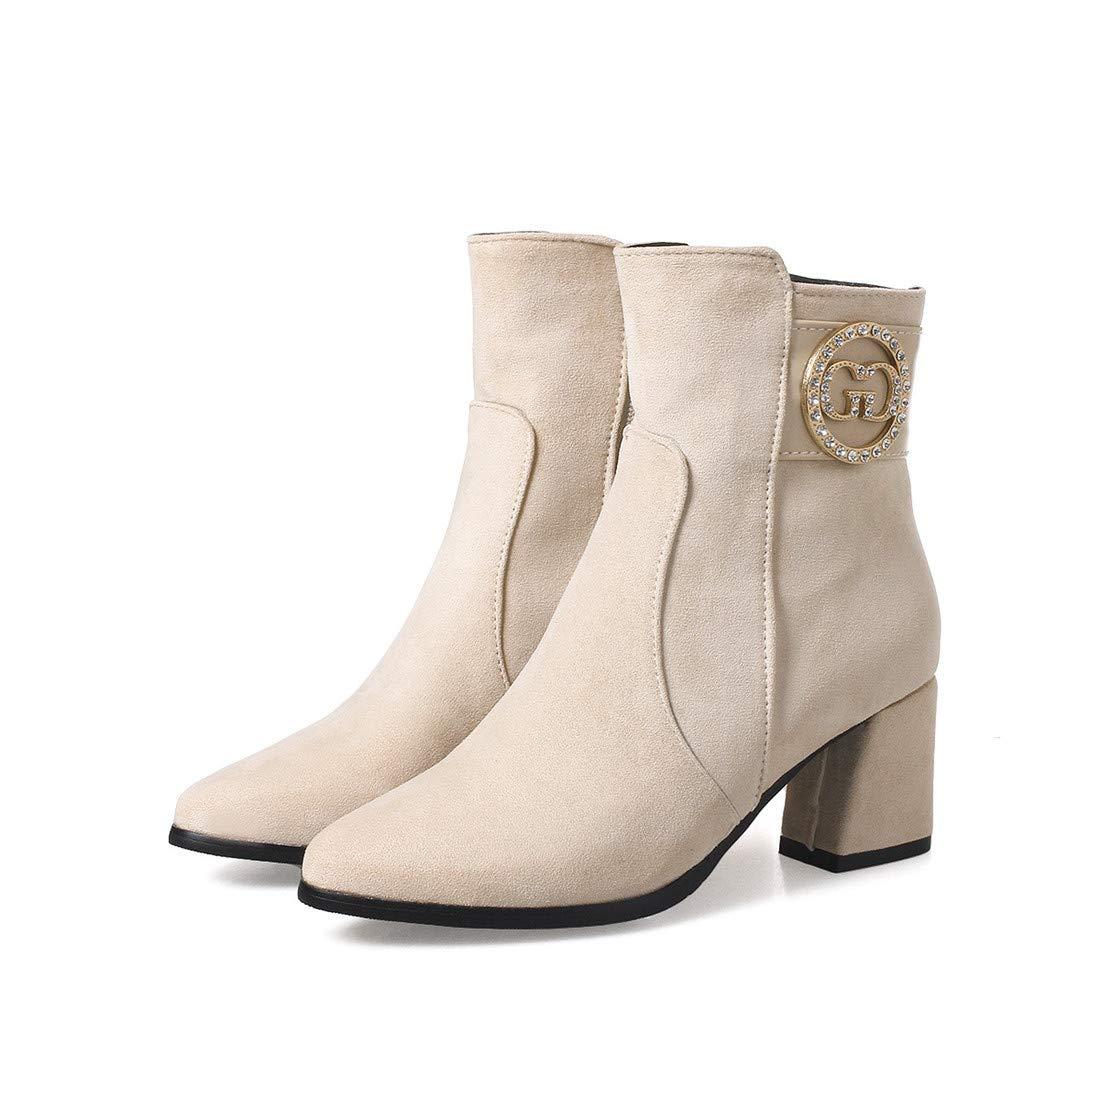 Stiefel-DEDE Damenstiefel   einfache Schuhe für Wilde frauenSockel Winter Ferse Stiefel Größe